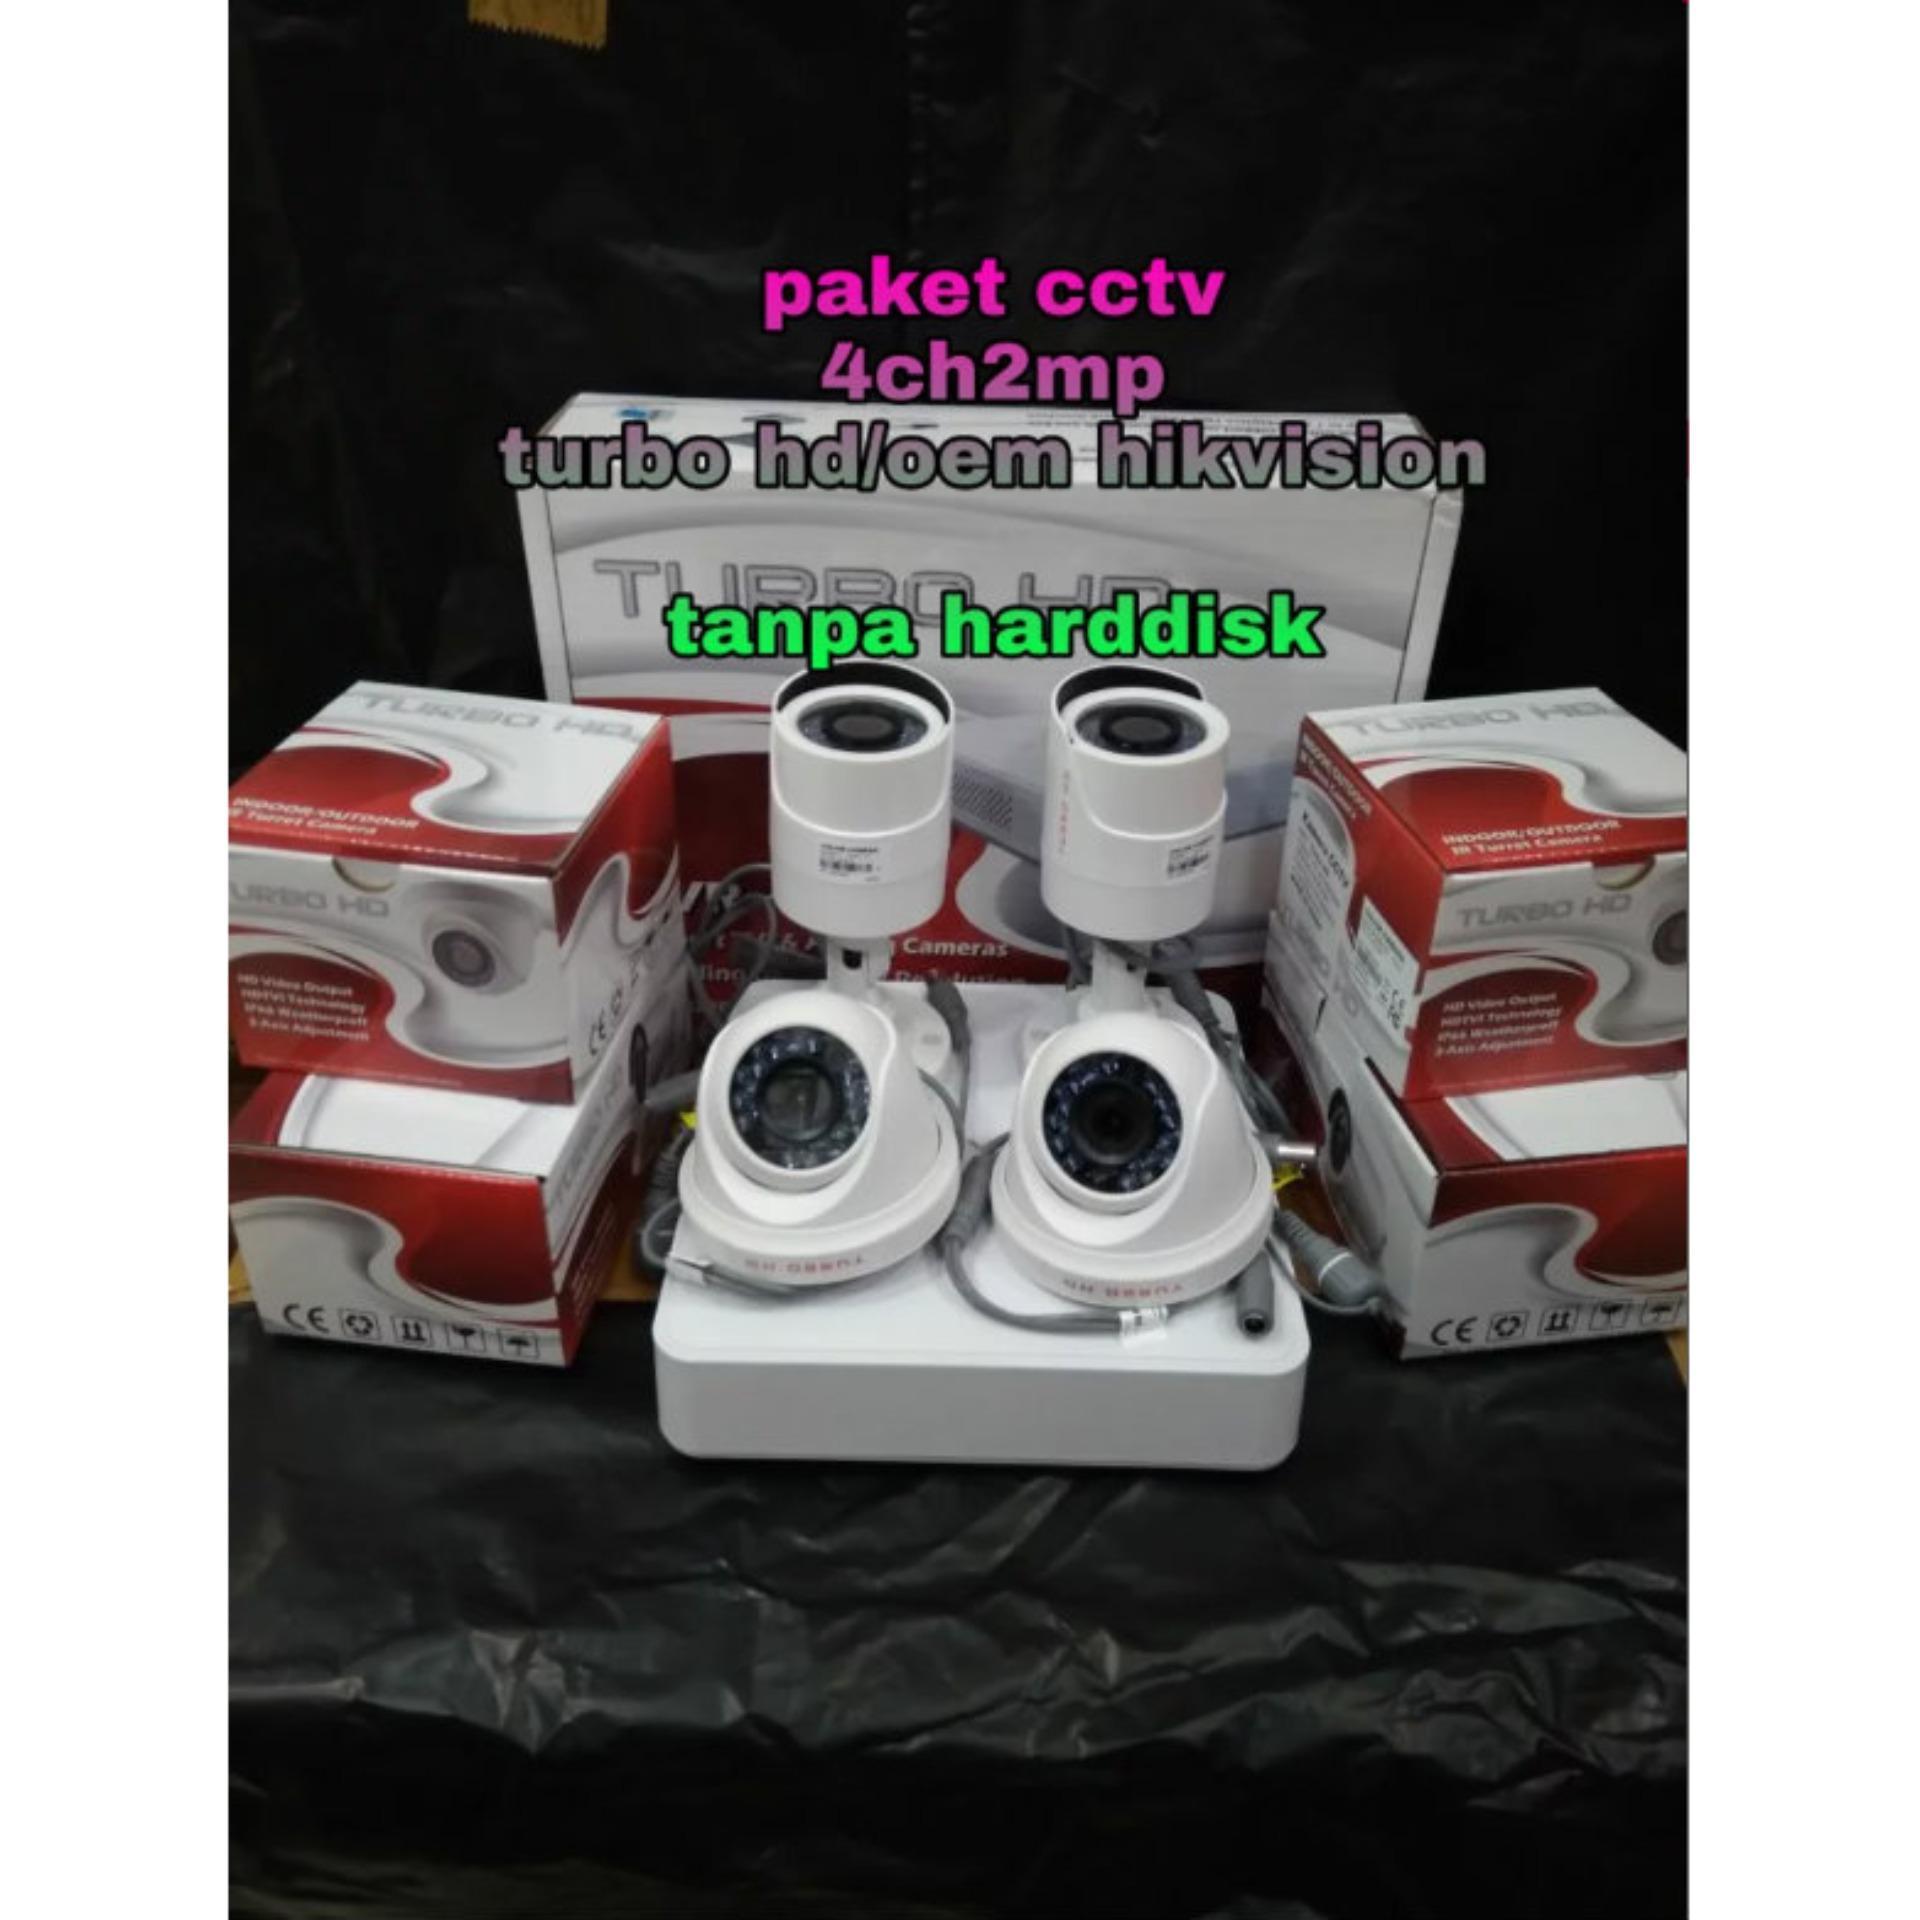 Paket Kamera Cctv 4ch2mp Full Hd 1080p Turbo Hd Tanpa Hdd